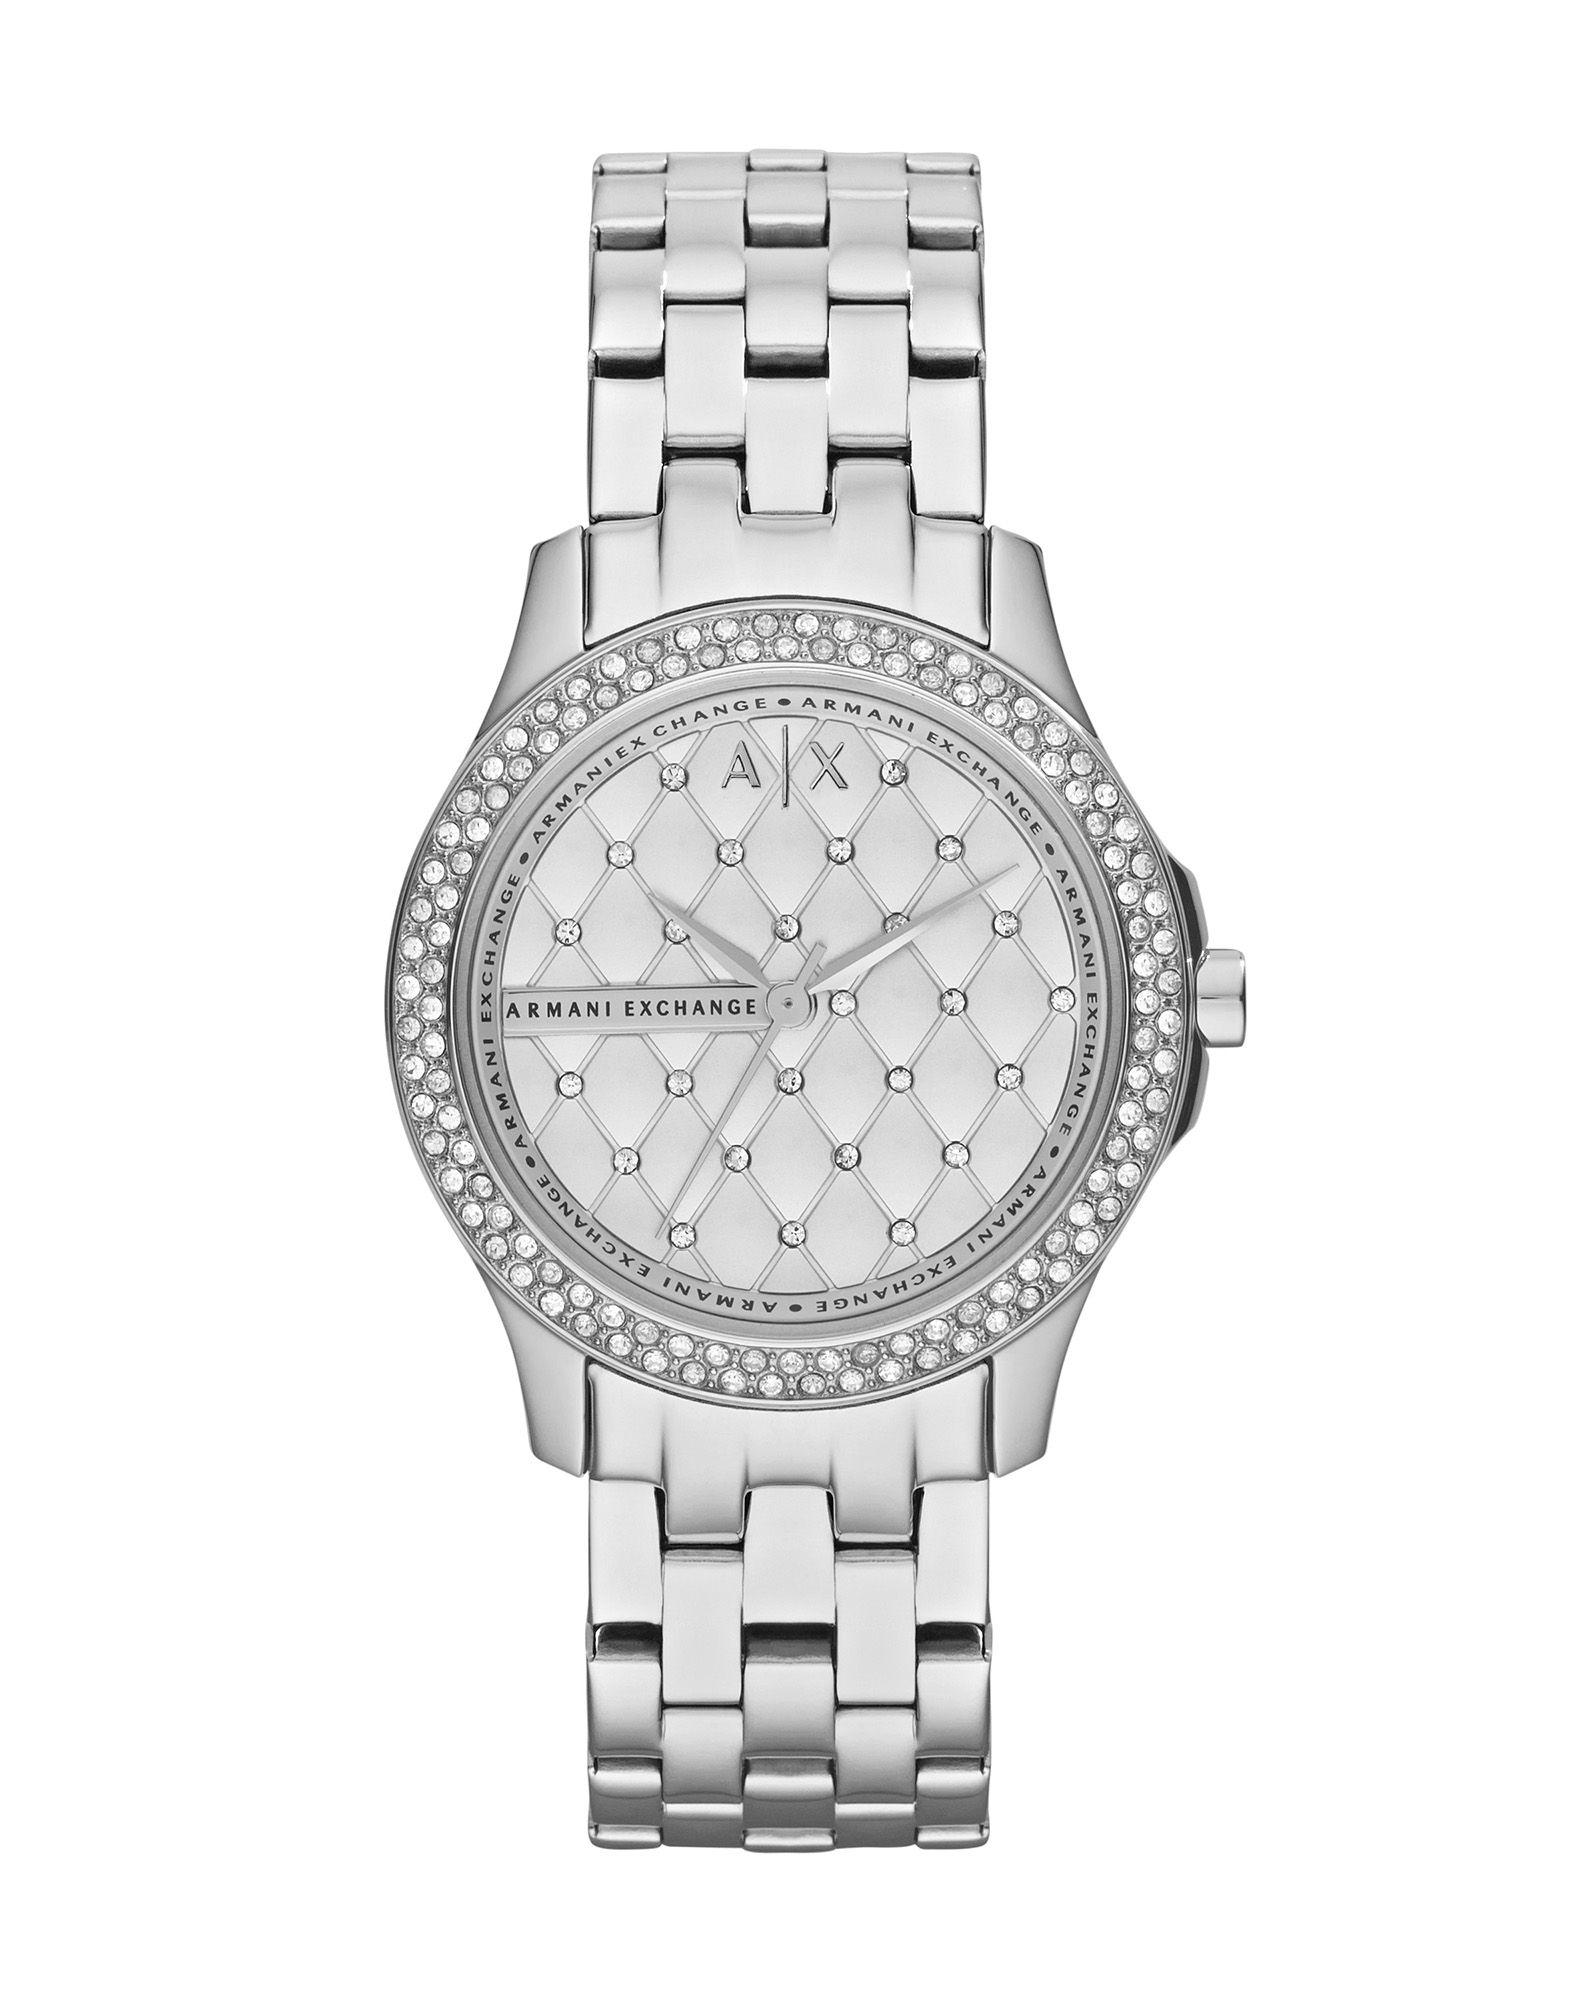 《送料無料》ARMANI EXCHANGE レディース 腕時計 ホワイト ステンレススチール